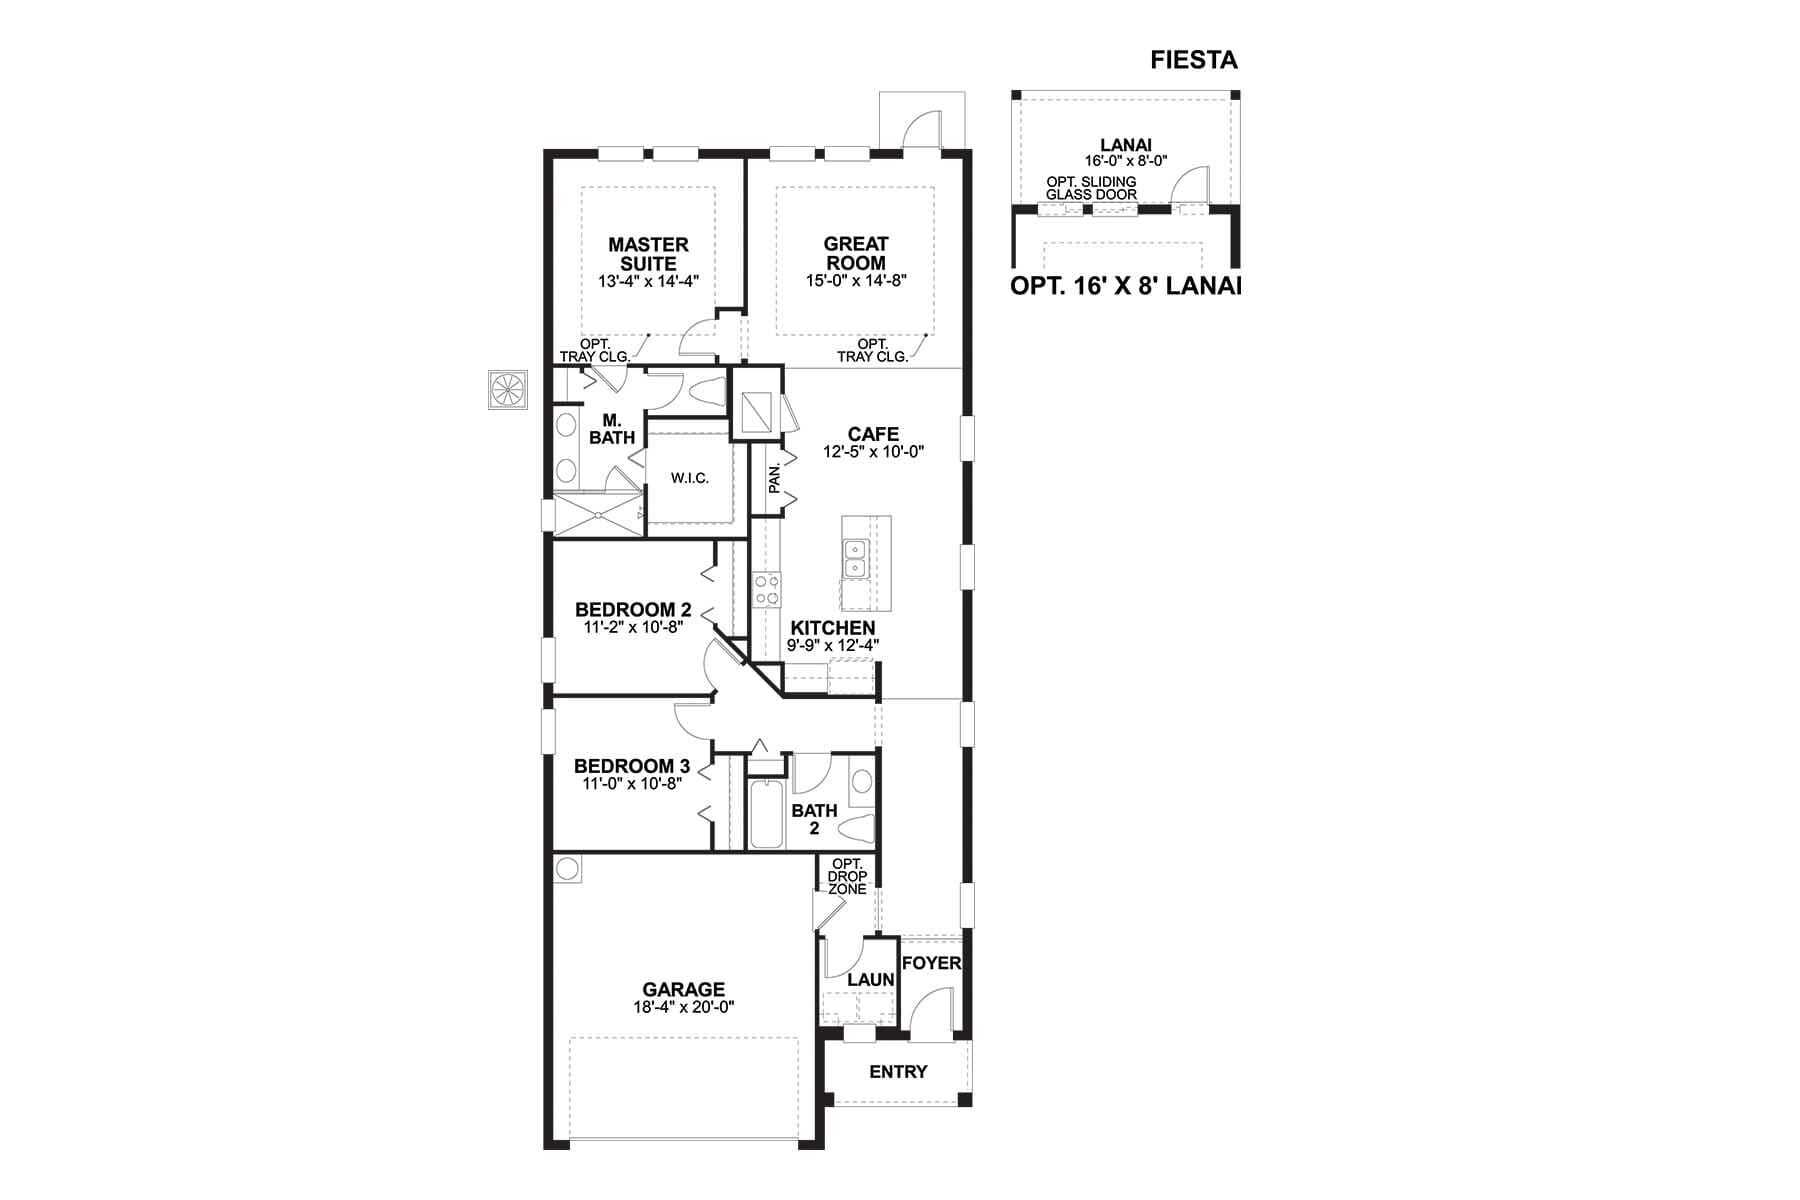 Fiesta Floorplan